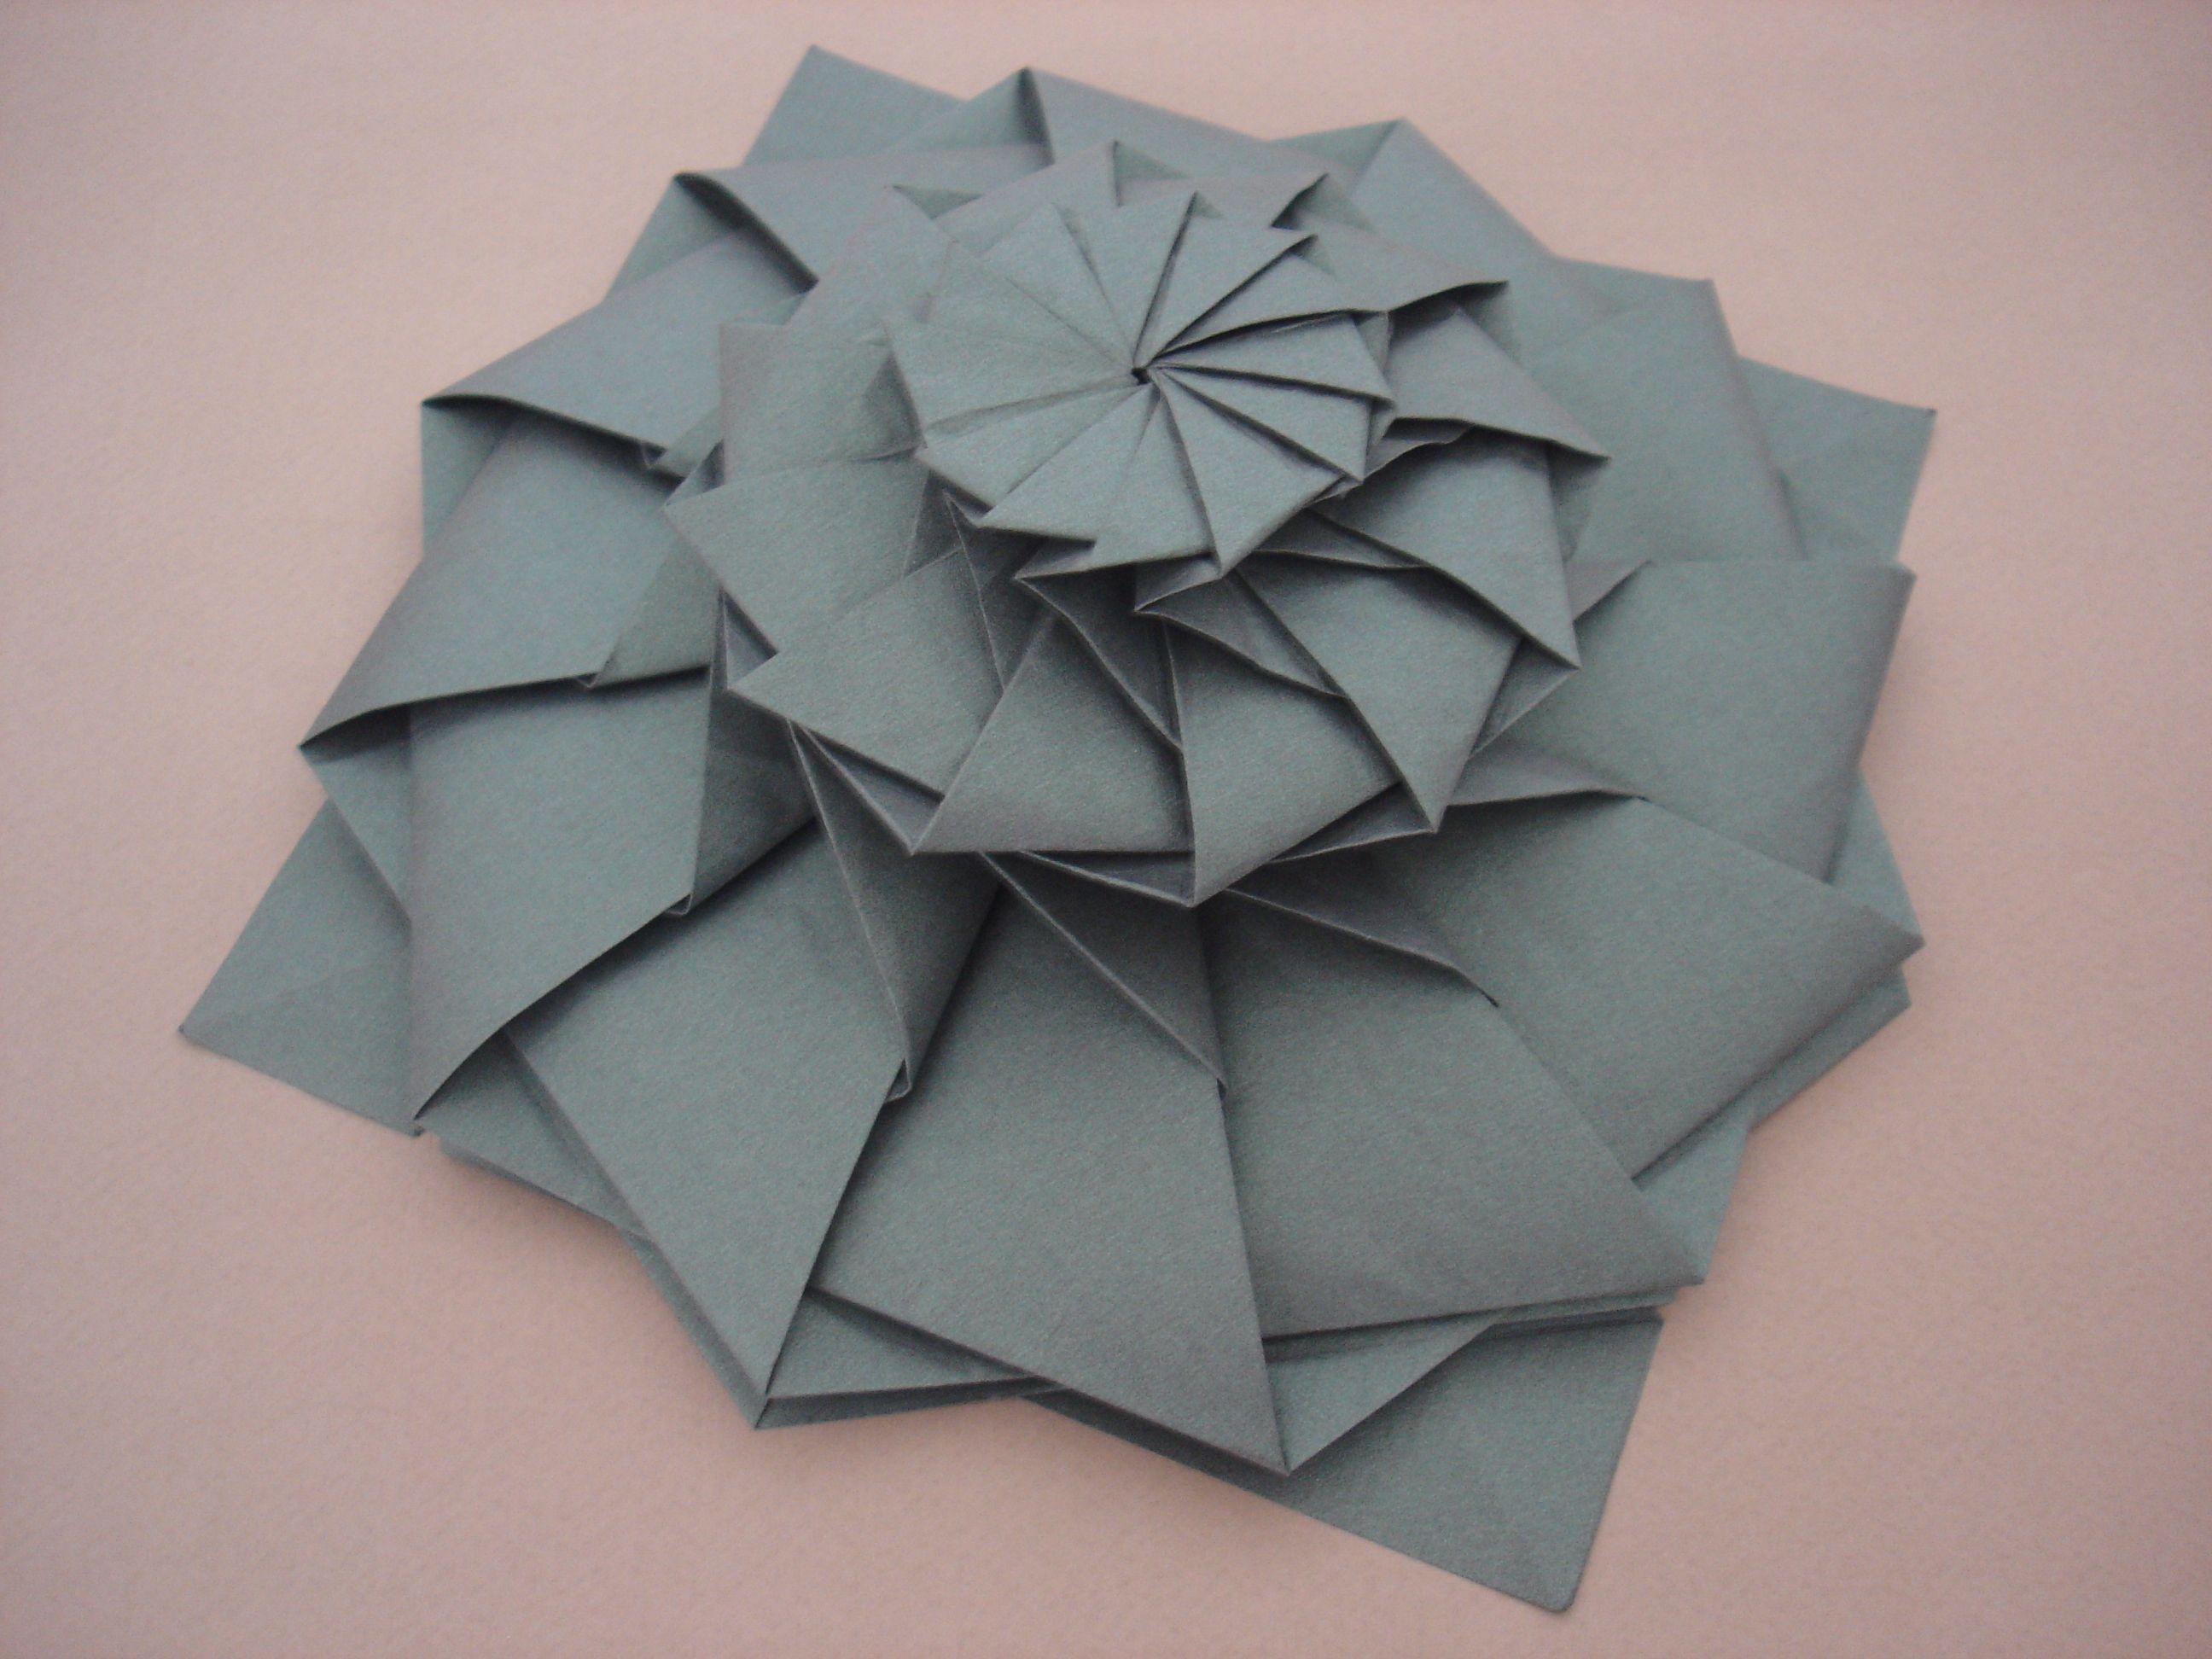 Origami flower tower chris palmer origami teselados espirales y origami flower tower chris palmer mightylinksfo